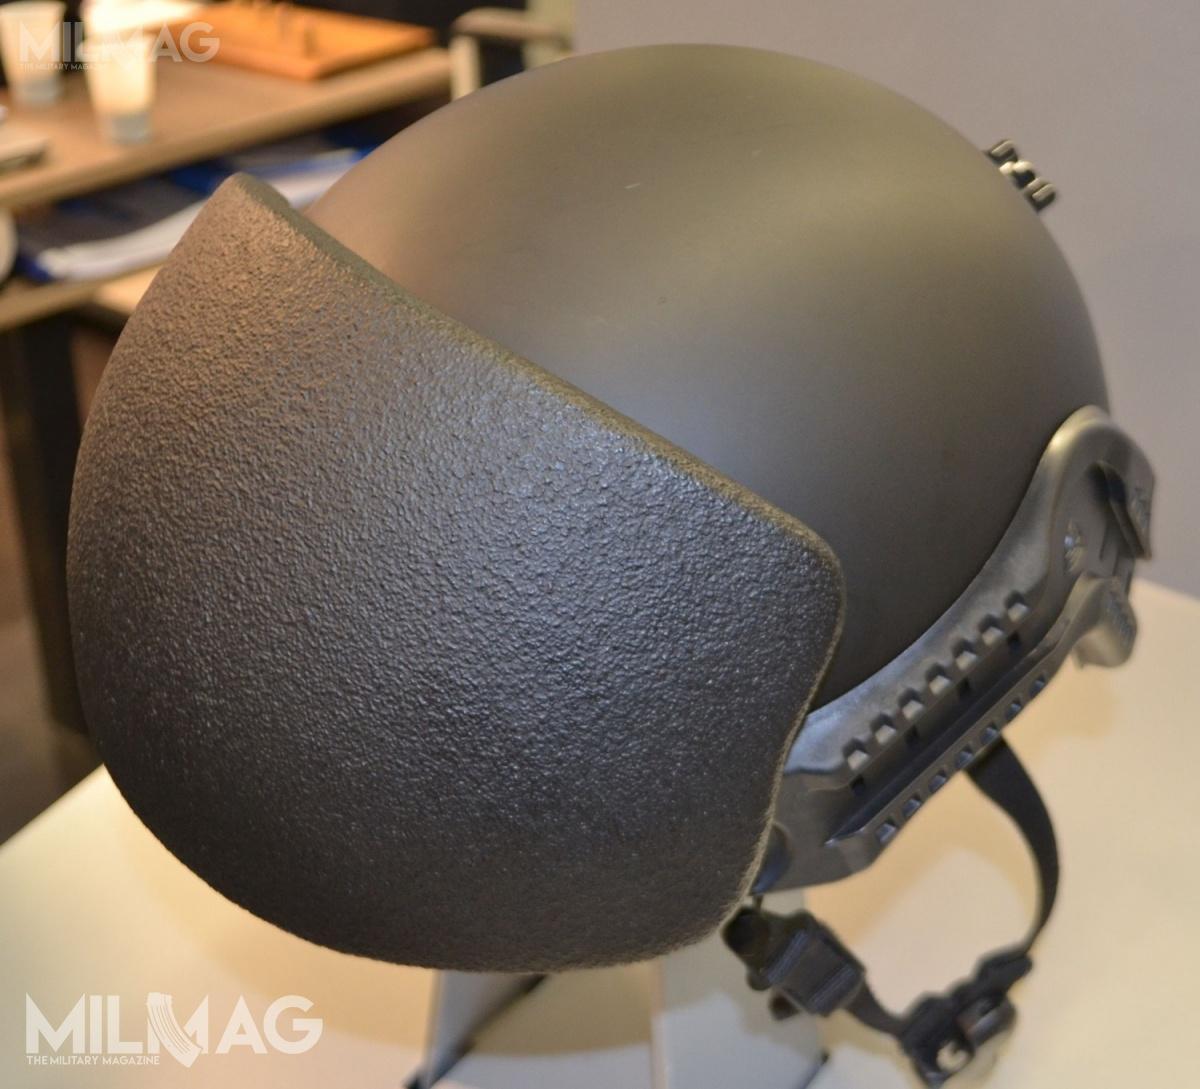 Ulbrichts Witwe zaprezentował naEnforce Tac nakładaną nahełm bojowy (wtym przypadku Hoplit) wyprofilowaną płytę balistyczną Schutzsystem. Osłona chroni przedpociskami 7,62 mm x 39 PS